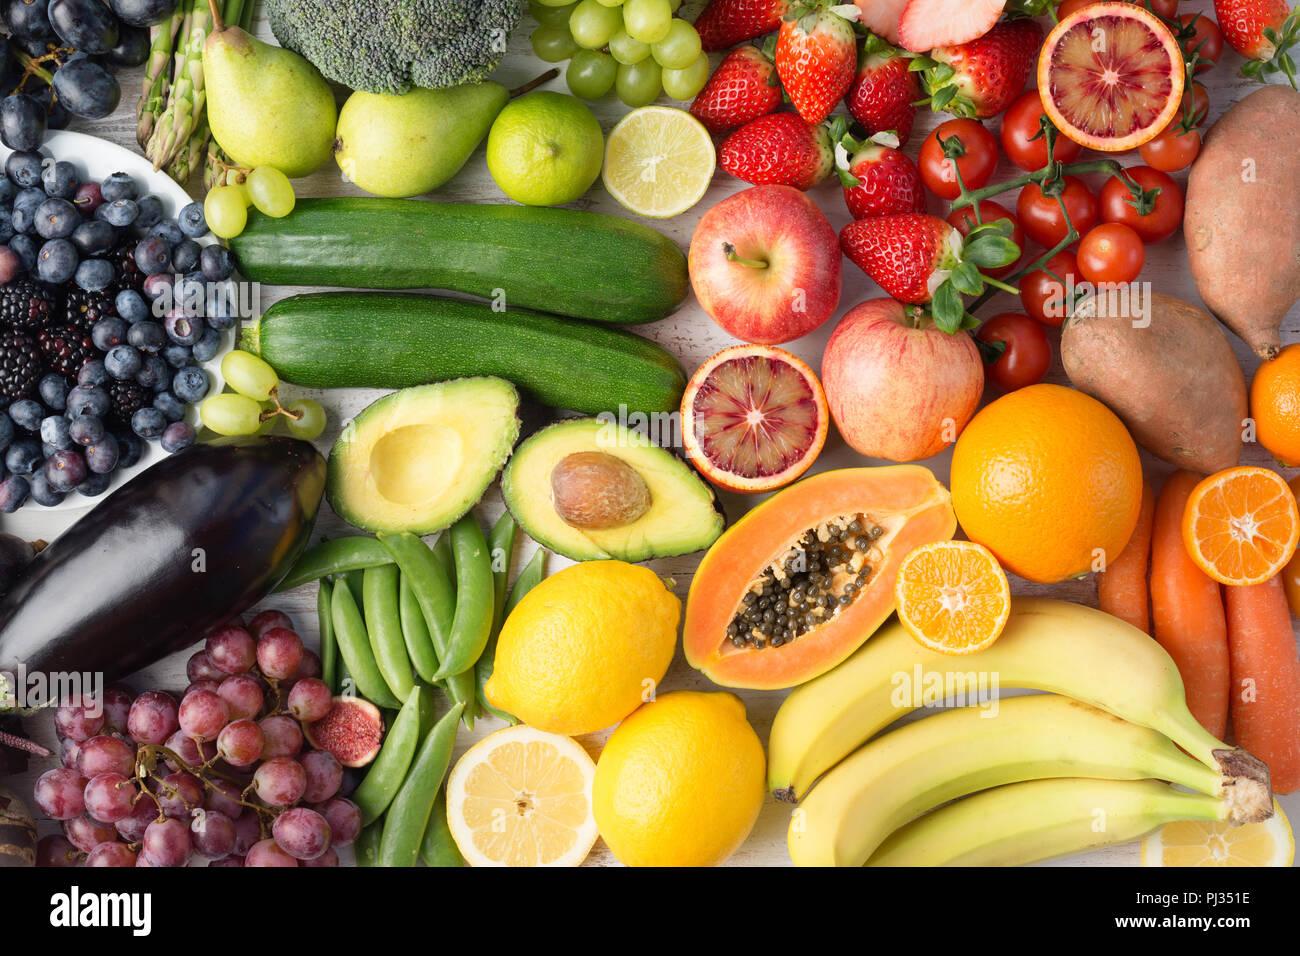 L'alimentation saine, l'assortiment de fruits et légumes dans les couleurs arc-en arrière-plan, Vue de dessus, selective focus Photo Stock